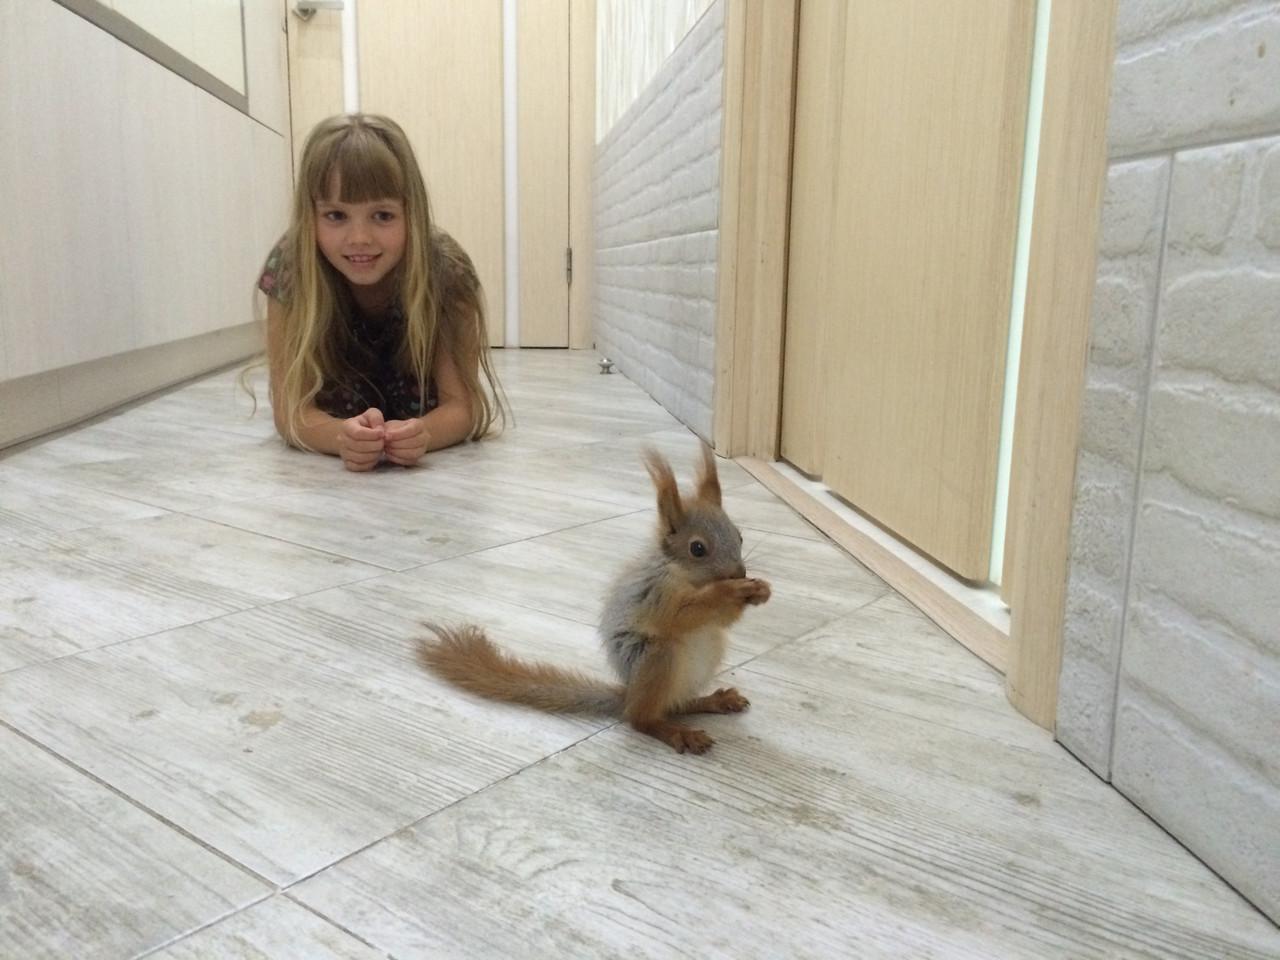 Бельчата ручные на фотосессии - «Планета животных» в Киеве